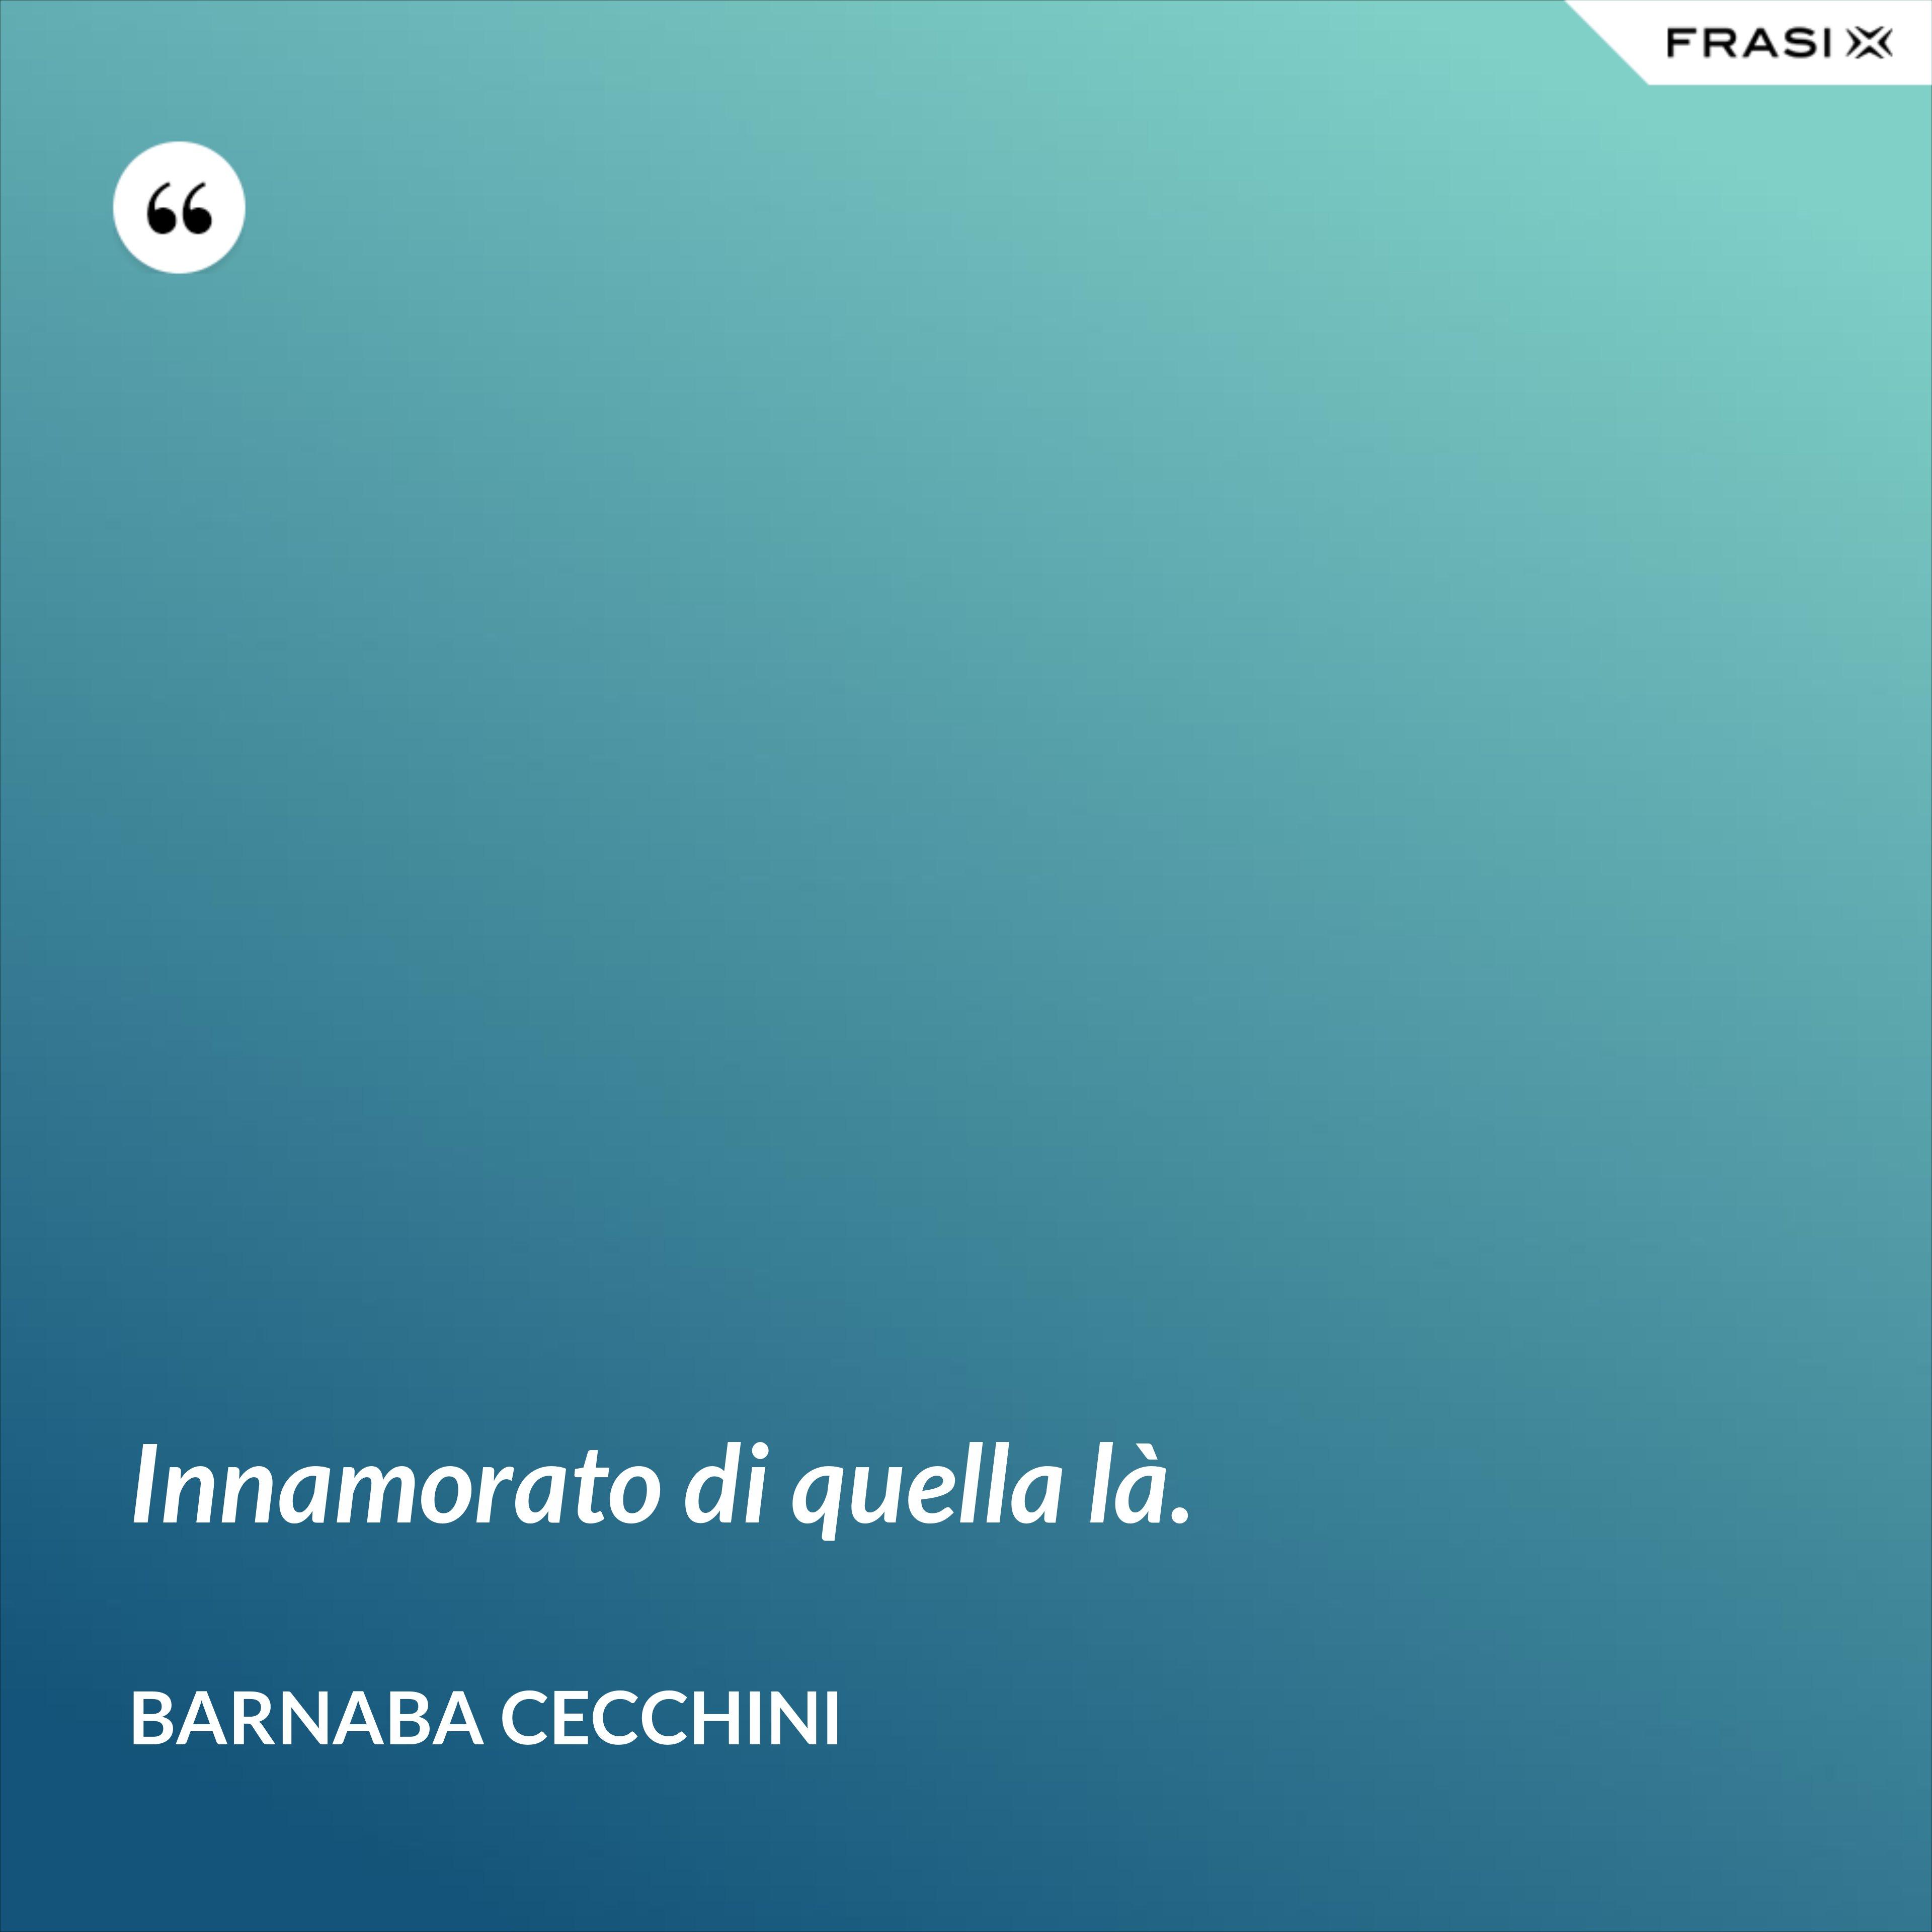 Innamorato di quella là. - Barnaba Cecchini